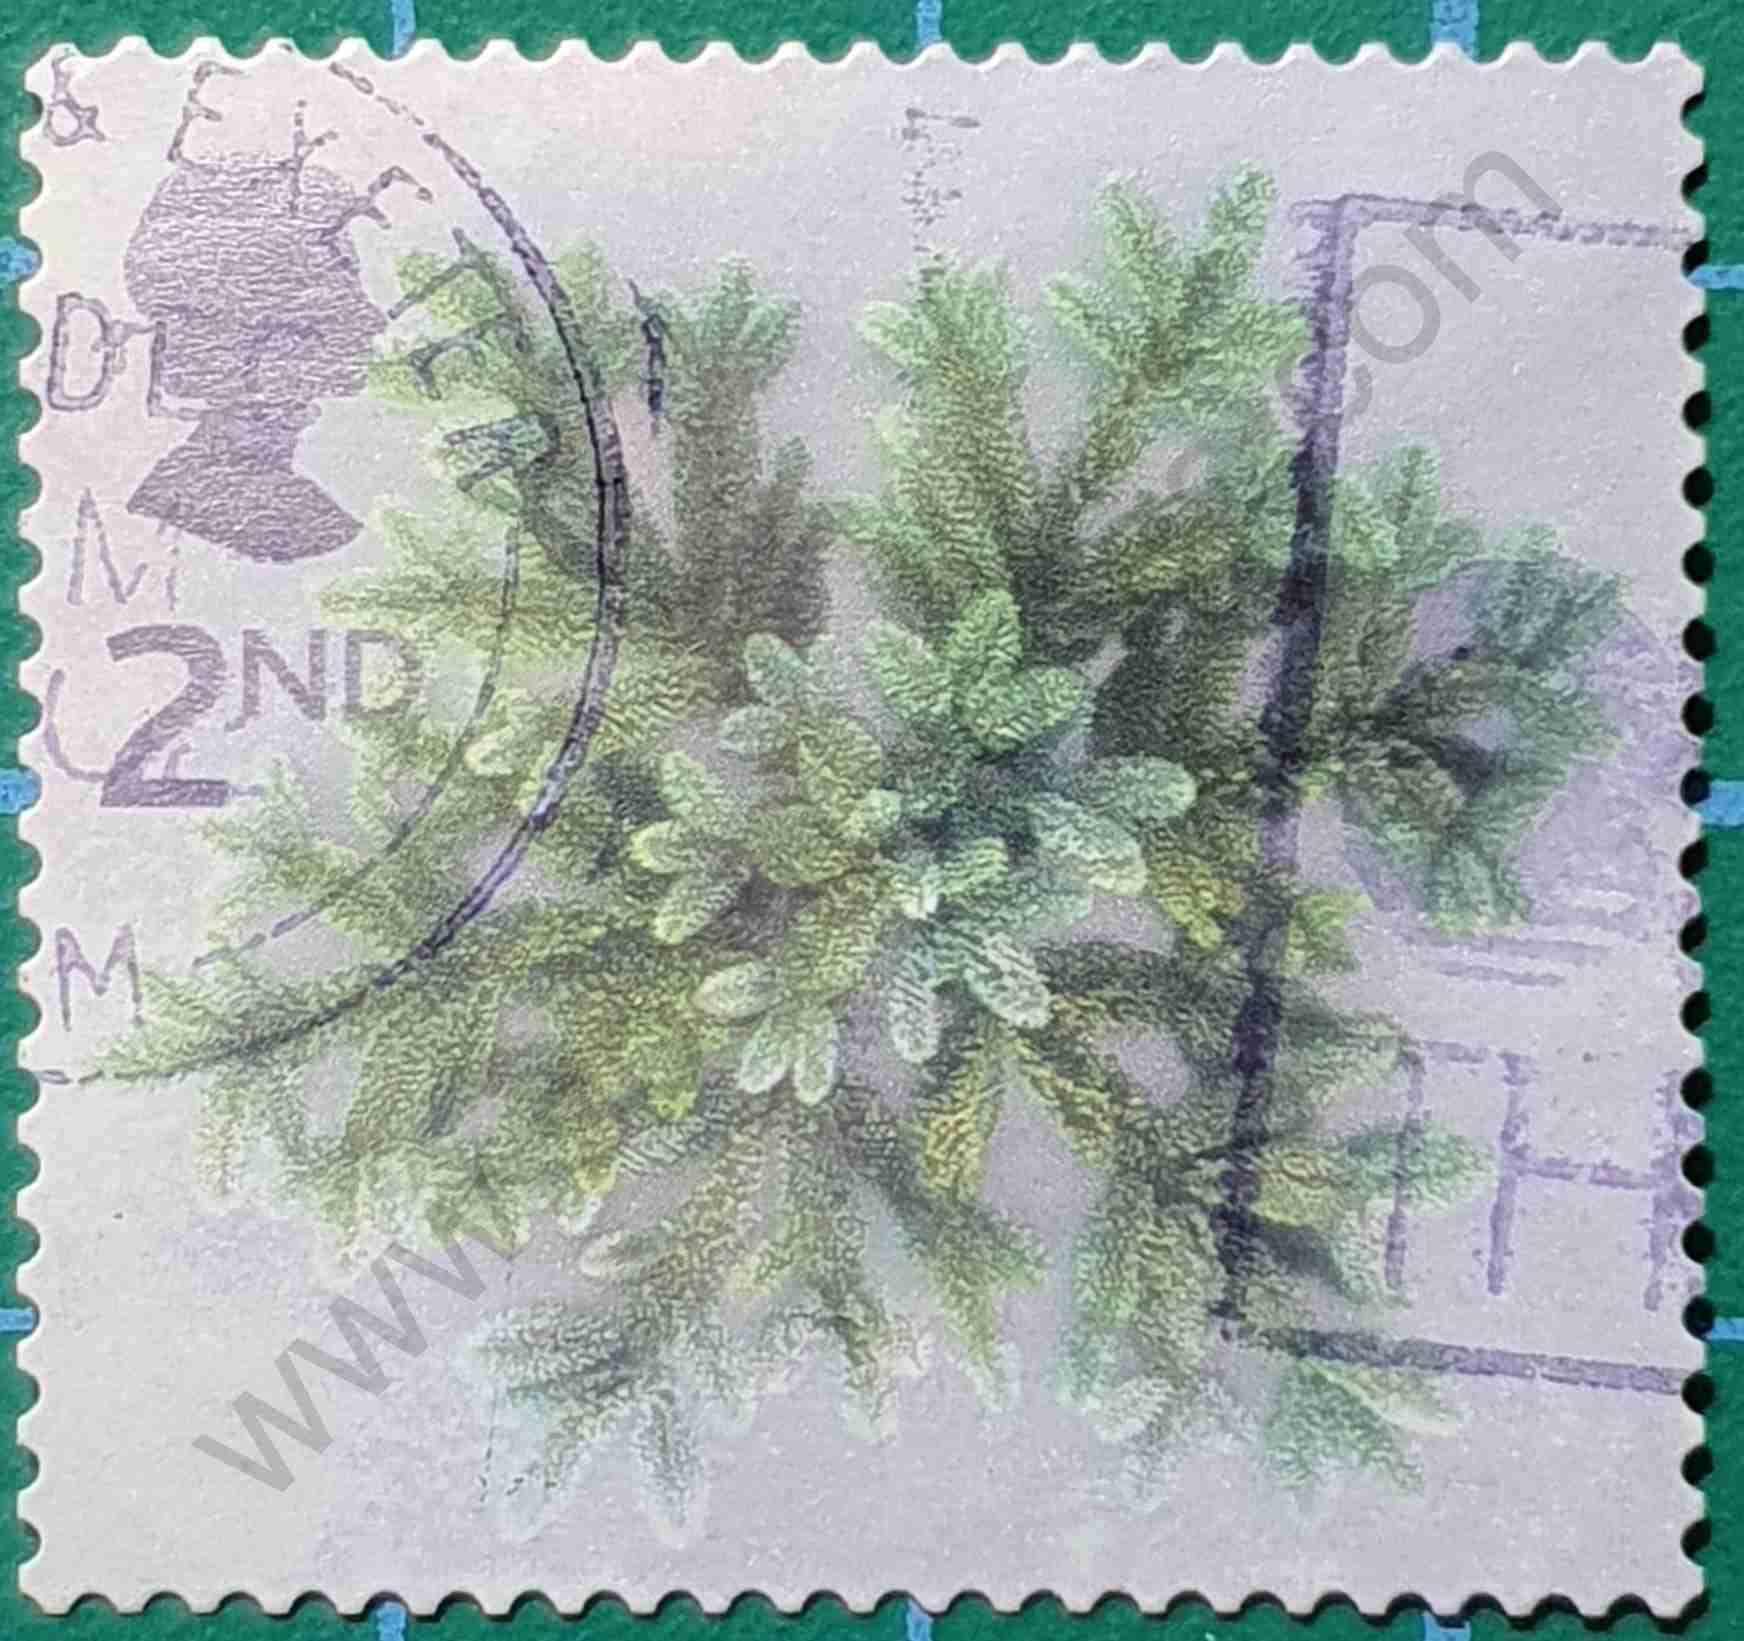 Ramas de abeto - Sello Reino Unido 2002